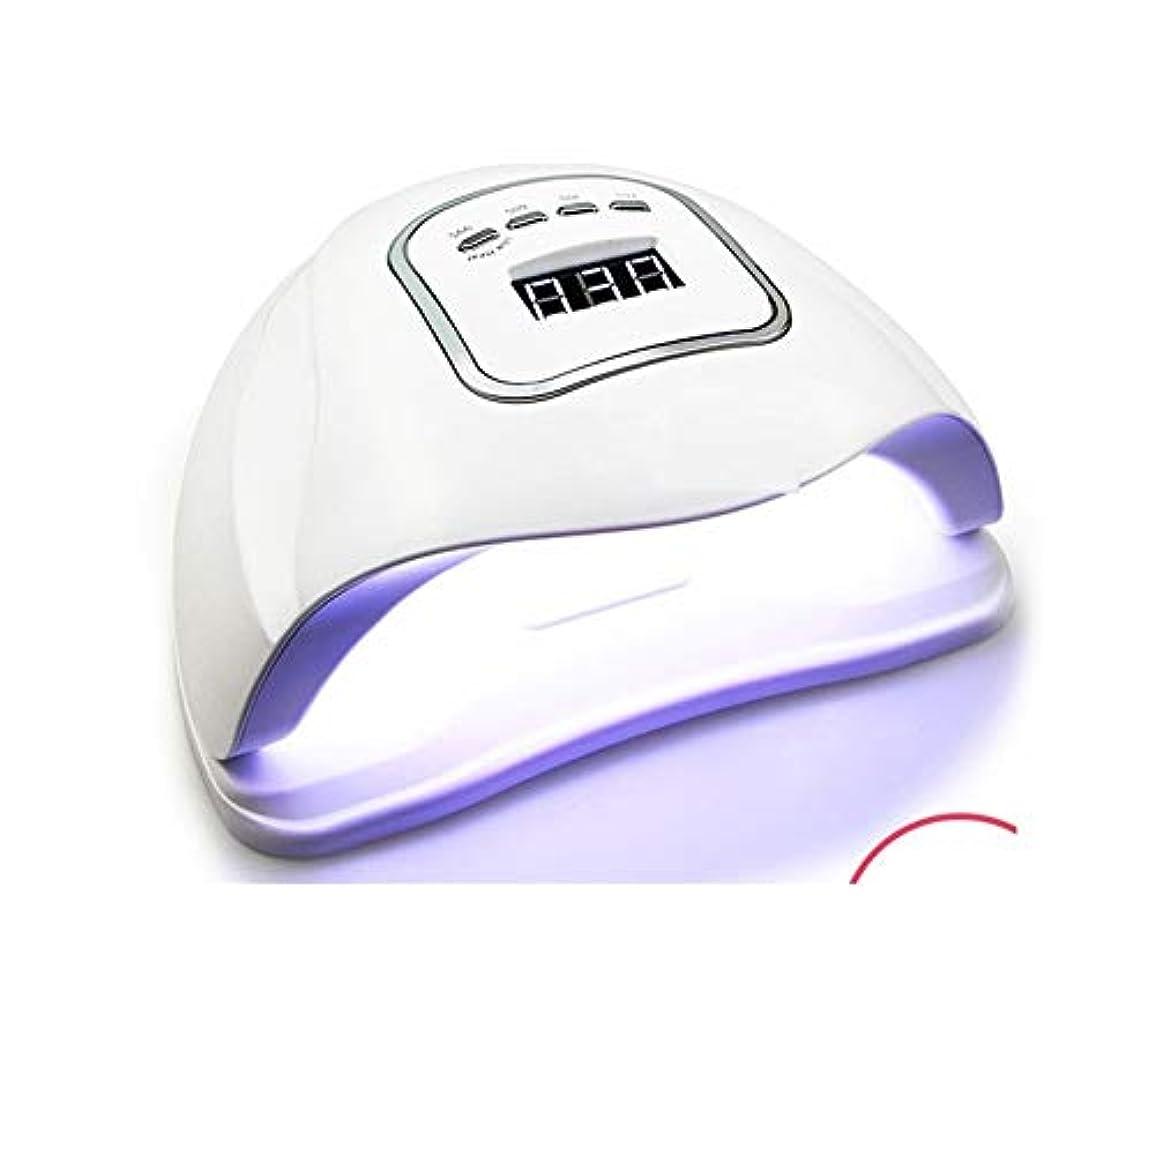 意見プライムルネッサンスLittleCat ネイルセンサー120Wの熱ランプライトセラピー機ドライヤープラスチック速乾性ネイルポリッシュ工作機械のLEDライト (色 : American standard flat plug)